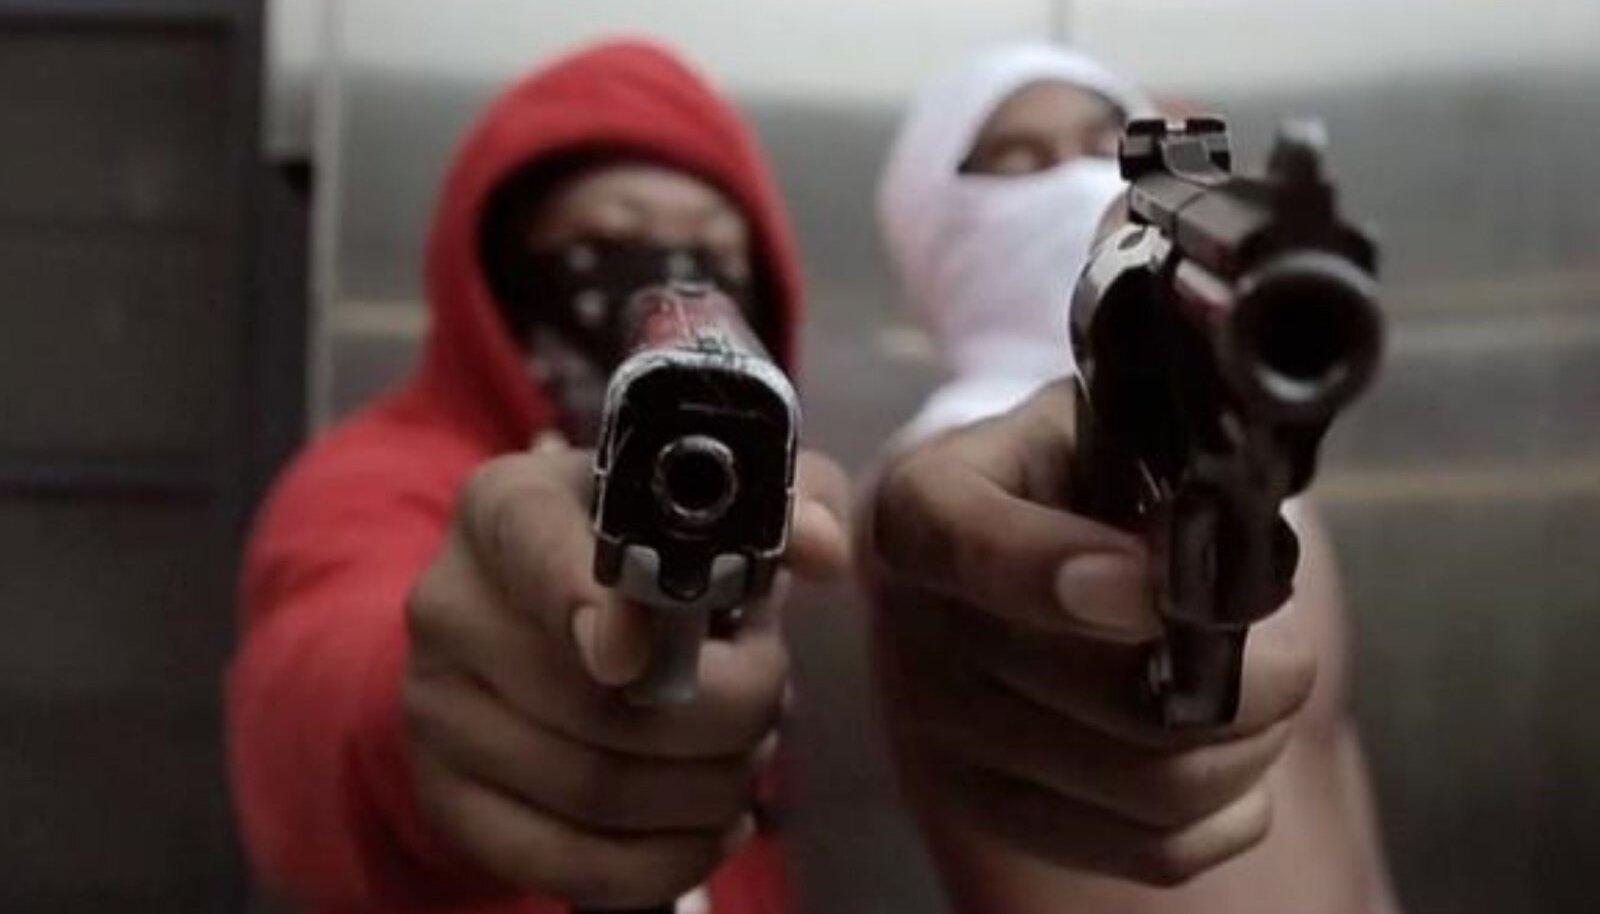 Politseist kurjategijatele vastast ei ole – gängid kontrollivad terveid linnaosasid.